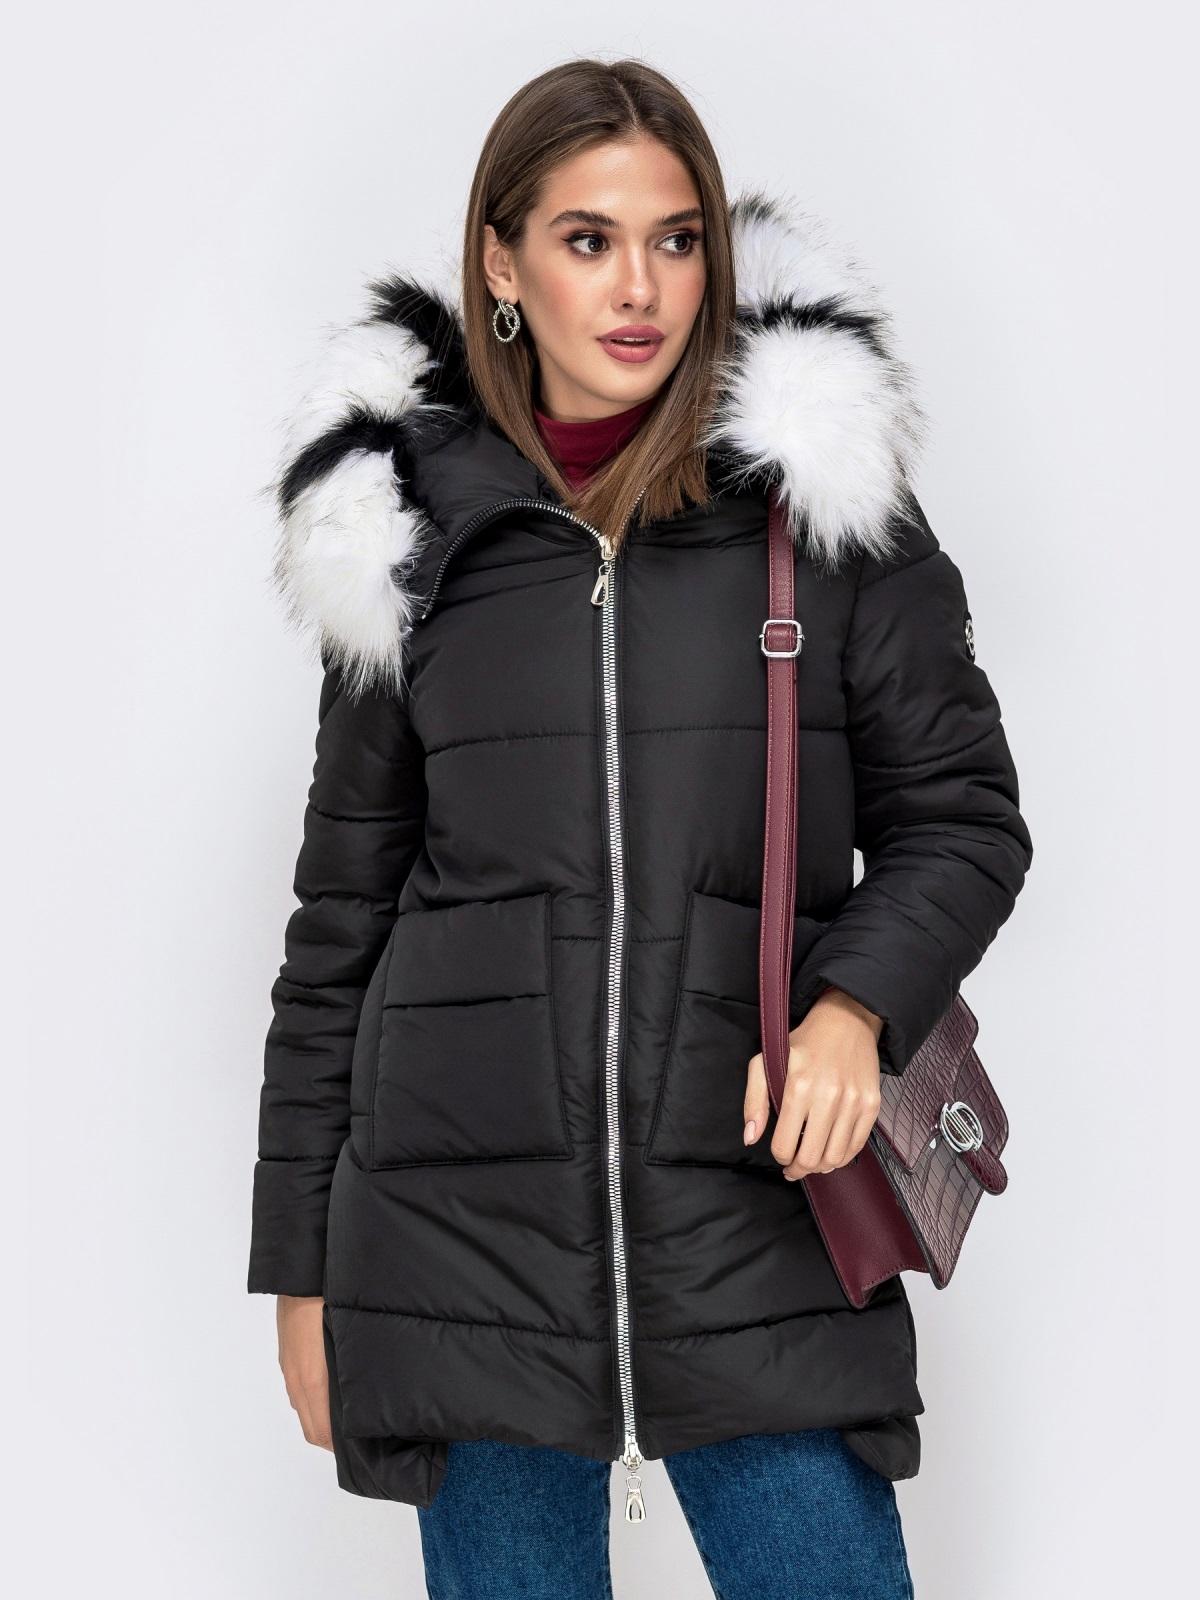 Зимняя куртка с удлиненной спинкой и капюшоном чёрная - 41519, фото 1 – интернет-магазин Dressa